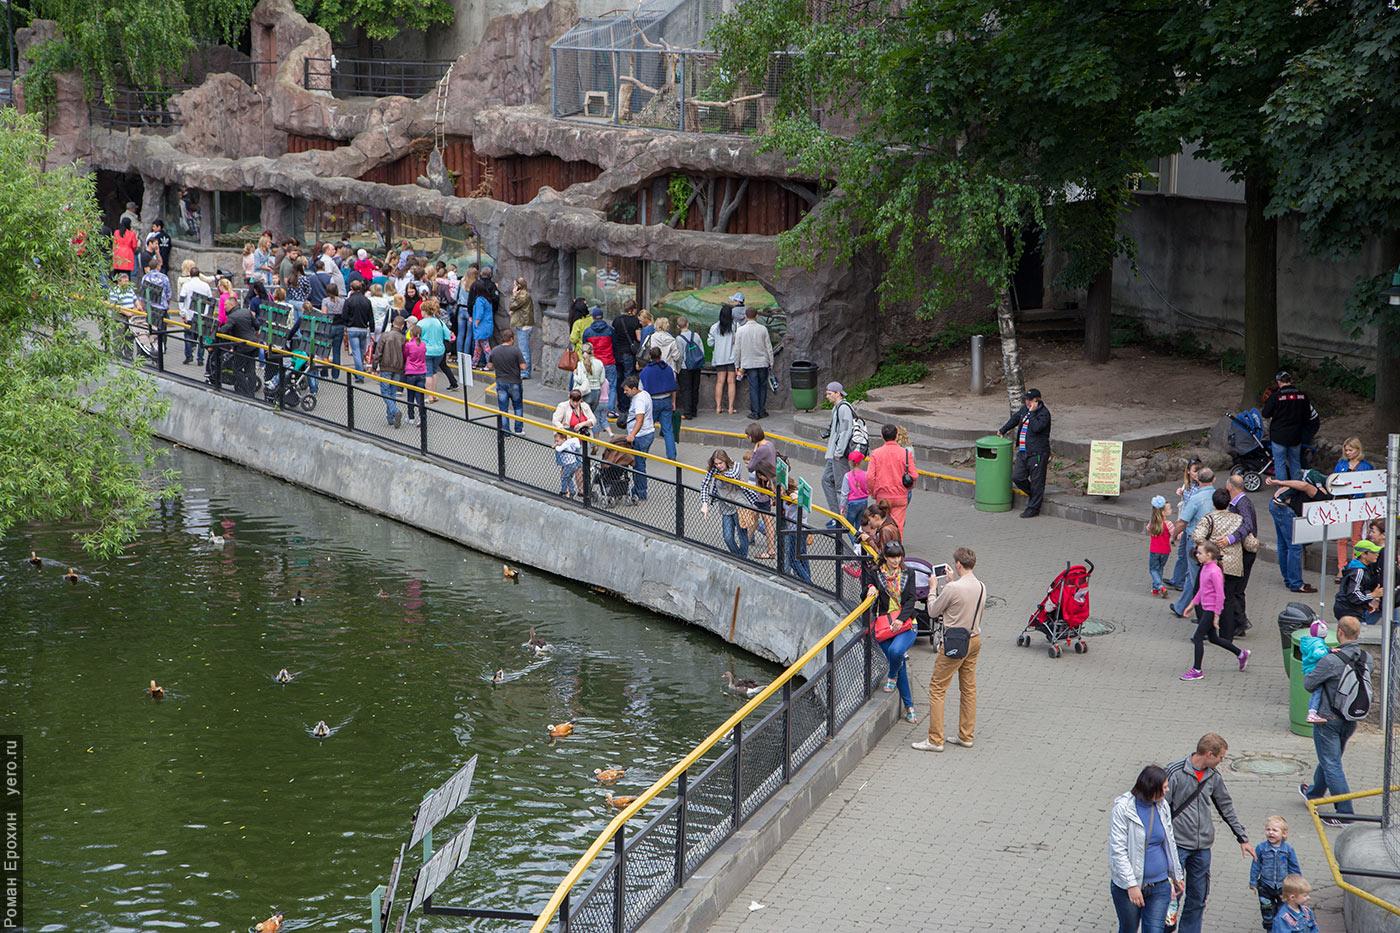 людей в зоопарке много